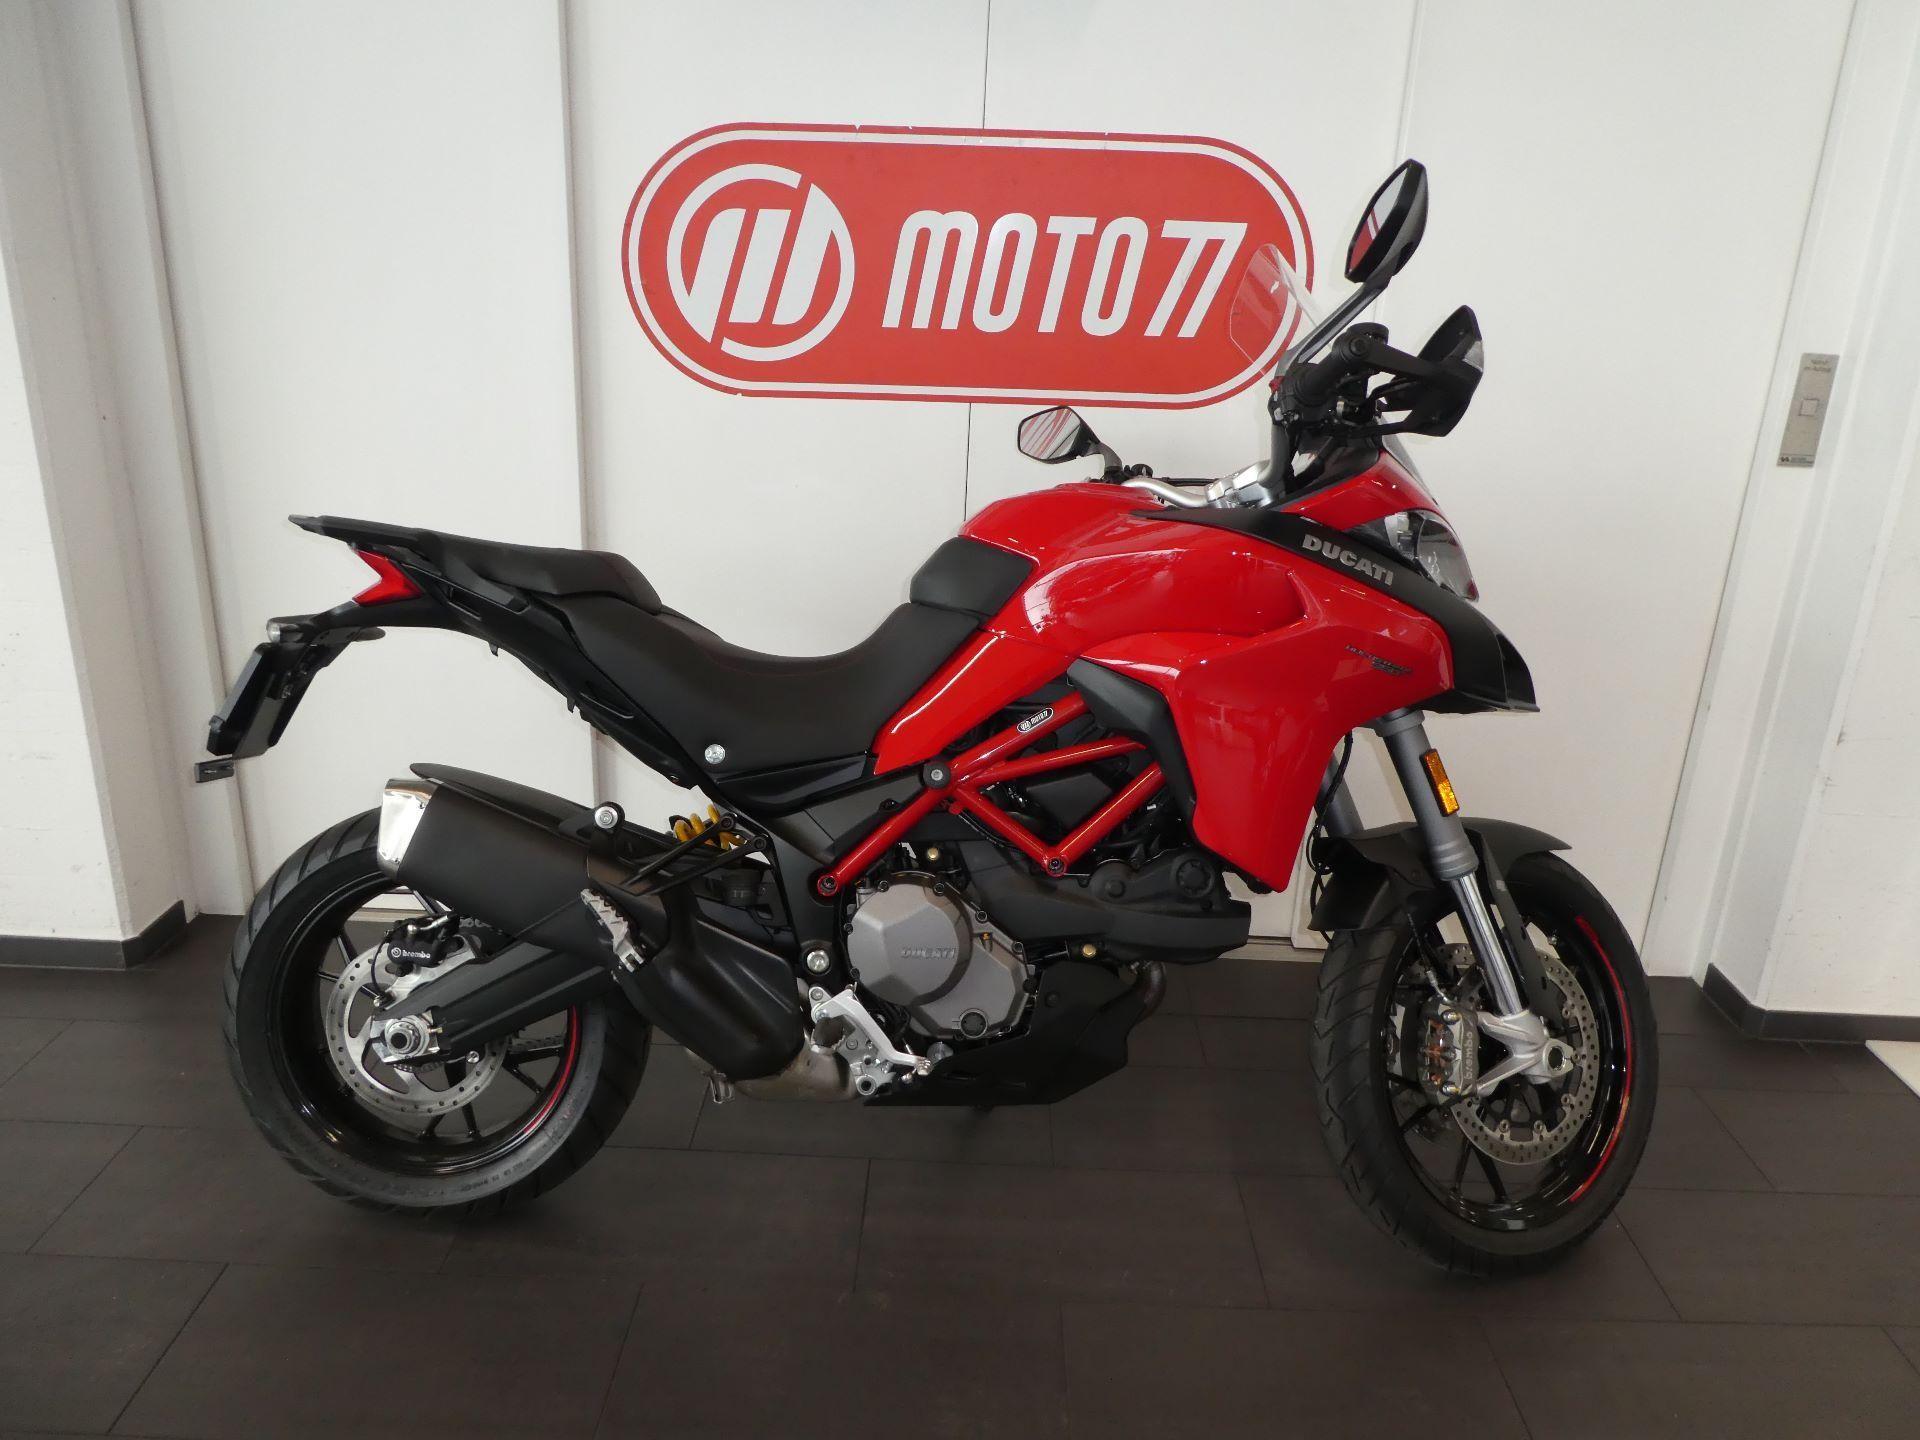 Motorrad Mieten & Roller Mieten DUCATI 950 Multistrada S